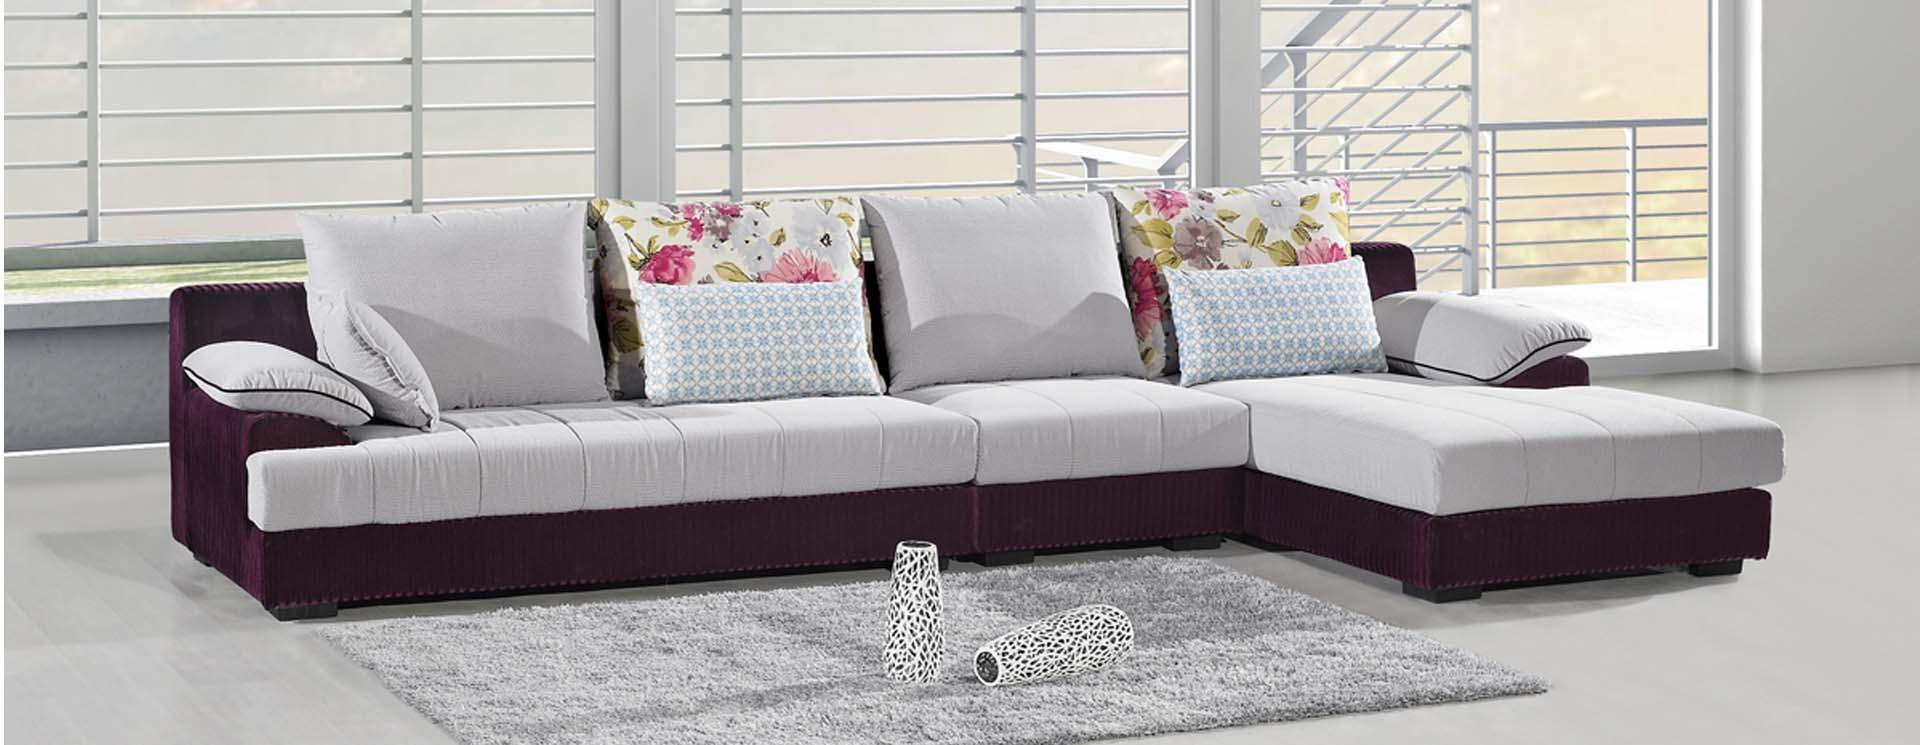 名称:沙发SF306D#<br/> 市场价:<font style='color:#999;text-decoration:line-through;'>¥0</font><br />全国统一零售价:<font color='Red'>¥0.0</font>